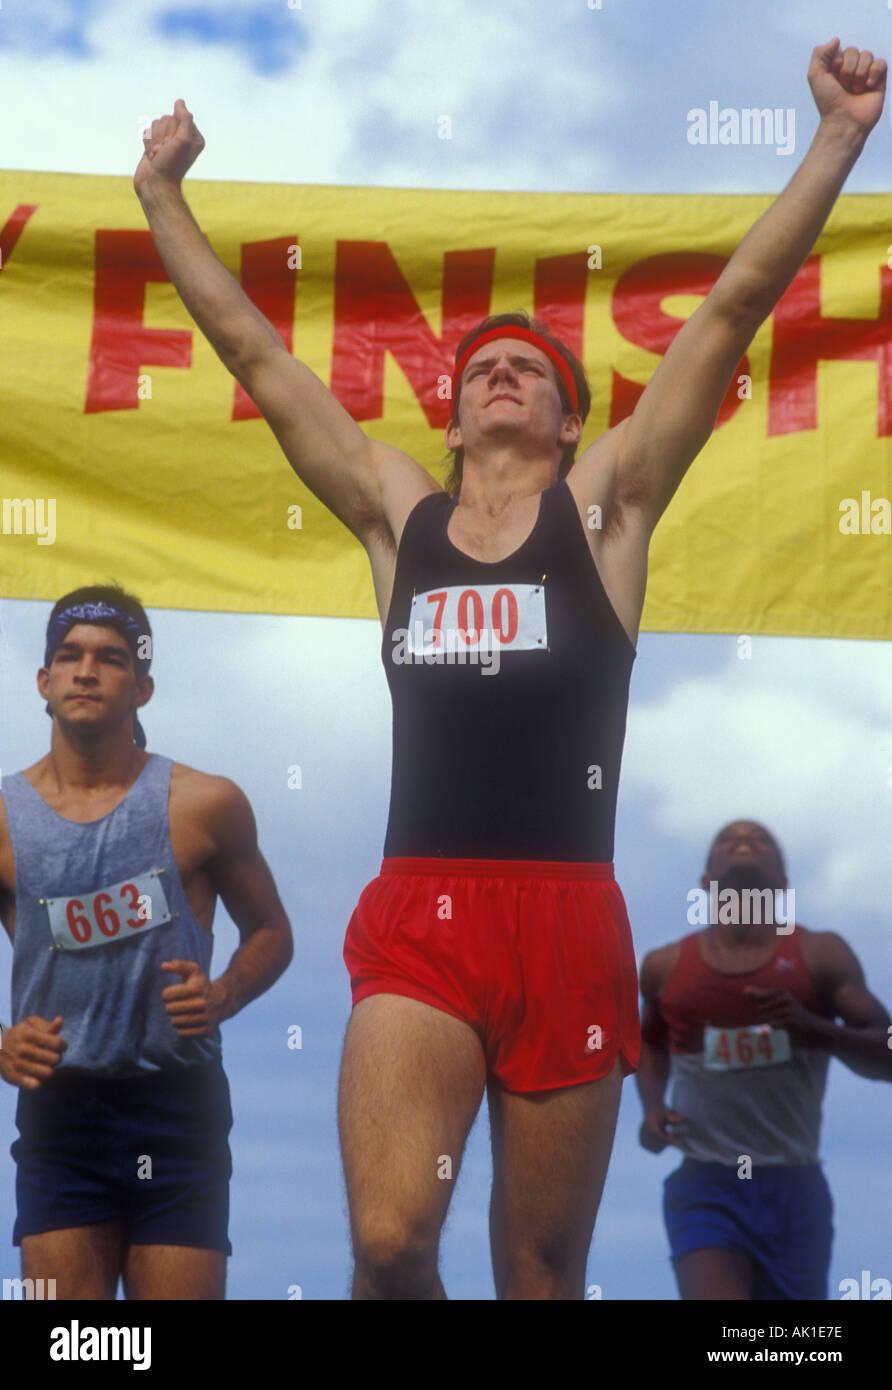 L'uomo attraversa il traguardo precedendo di altri runner Immagini Stock